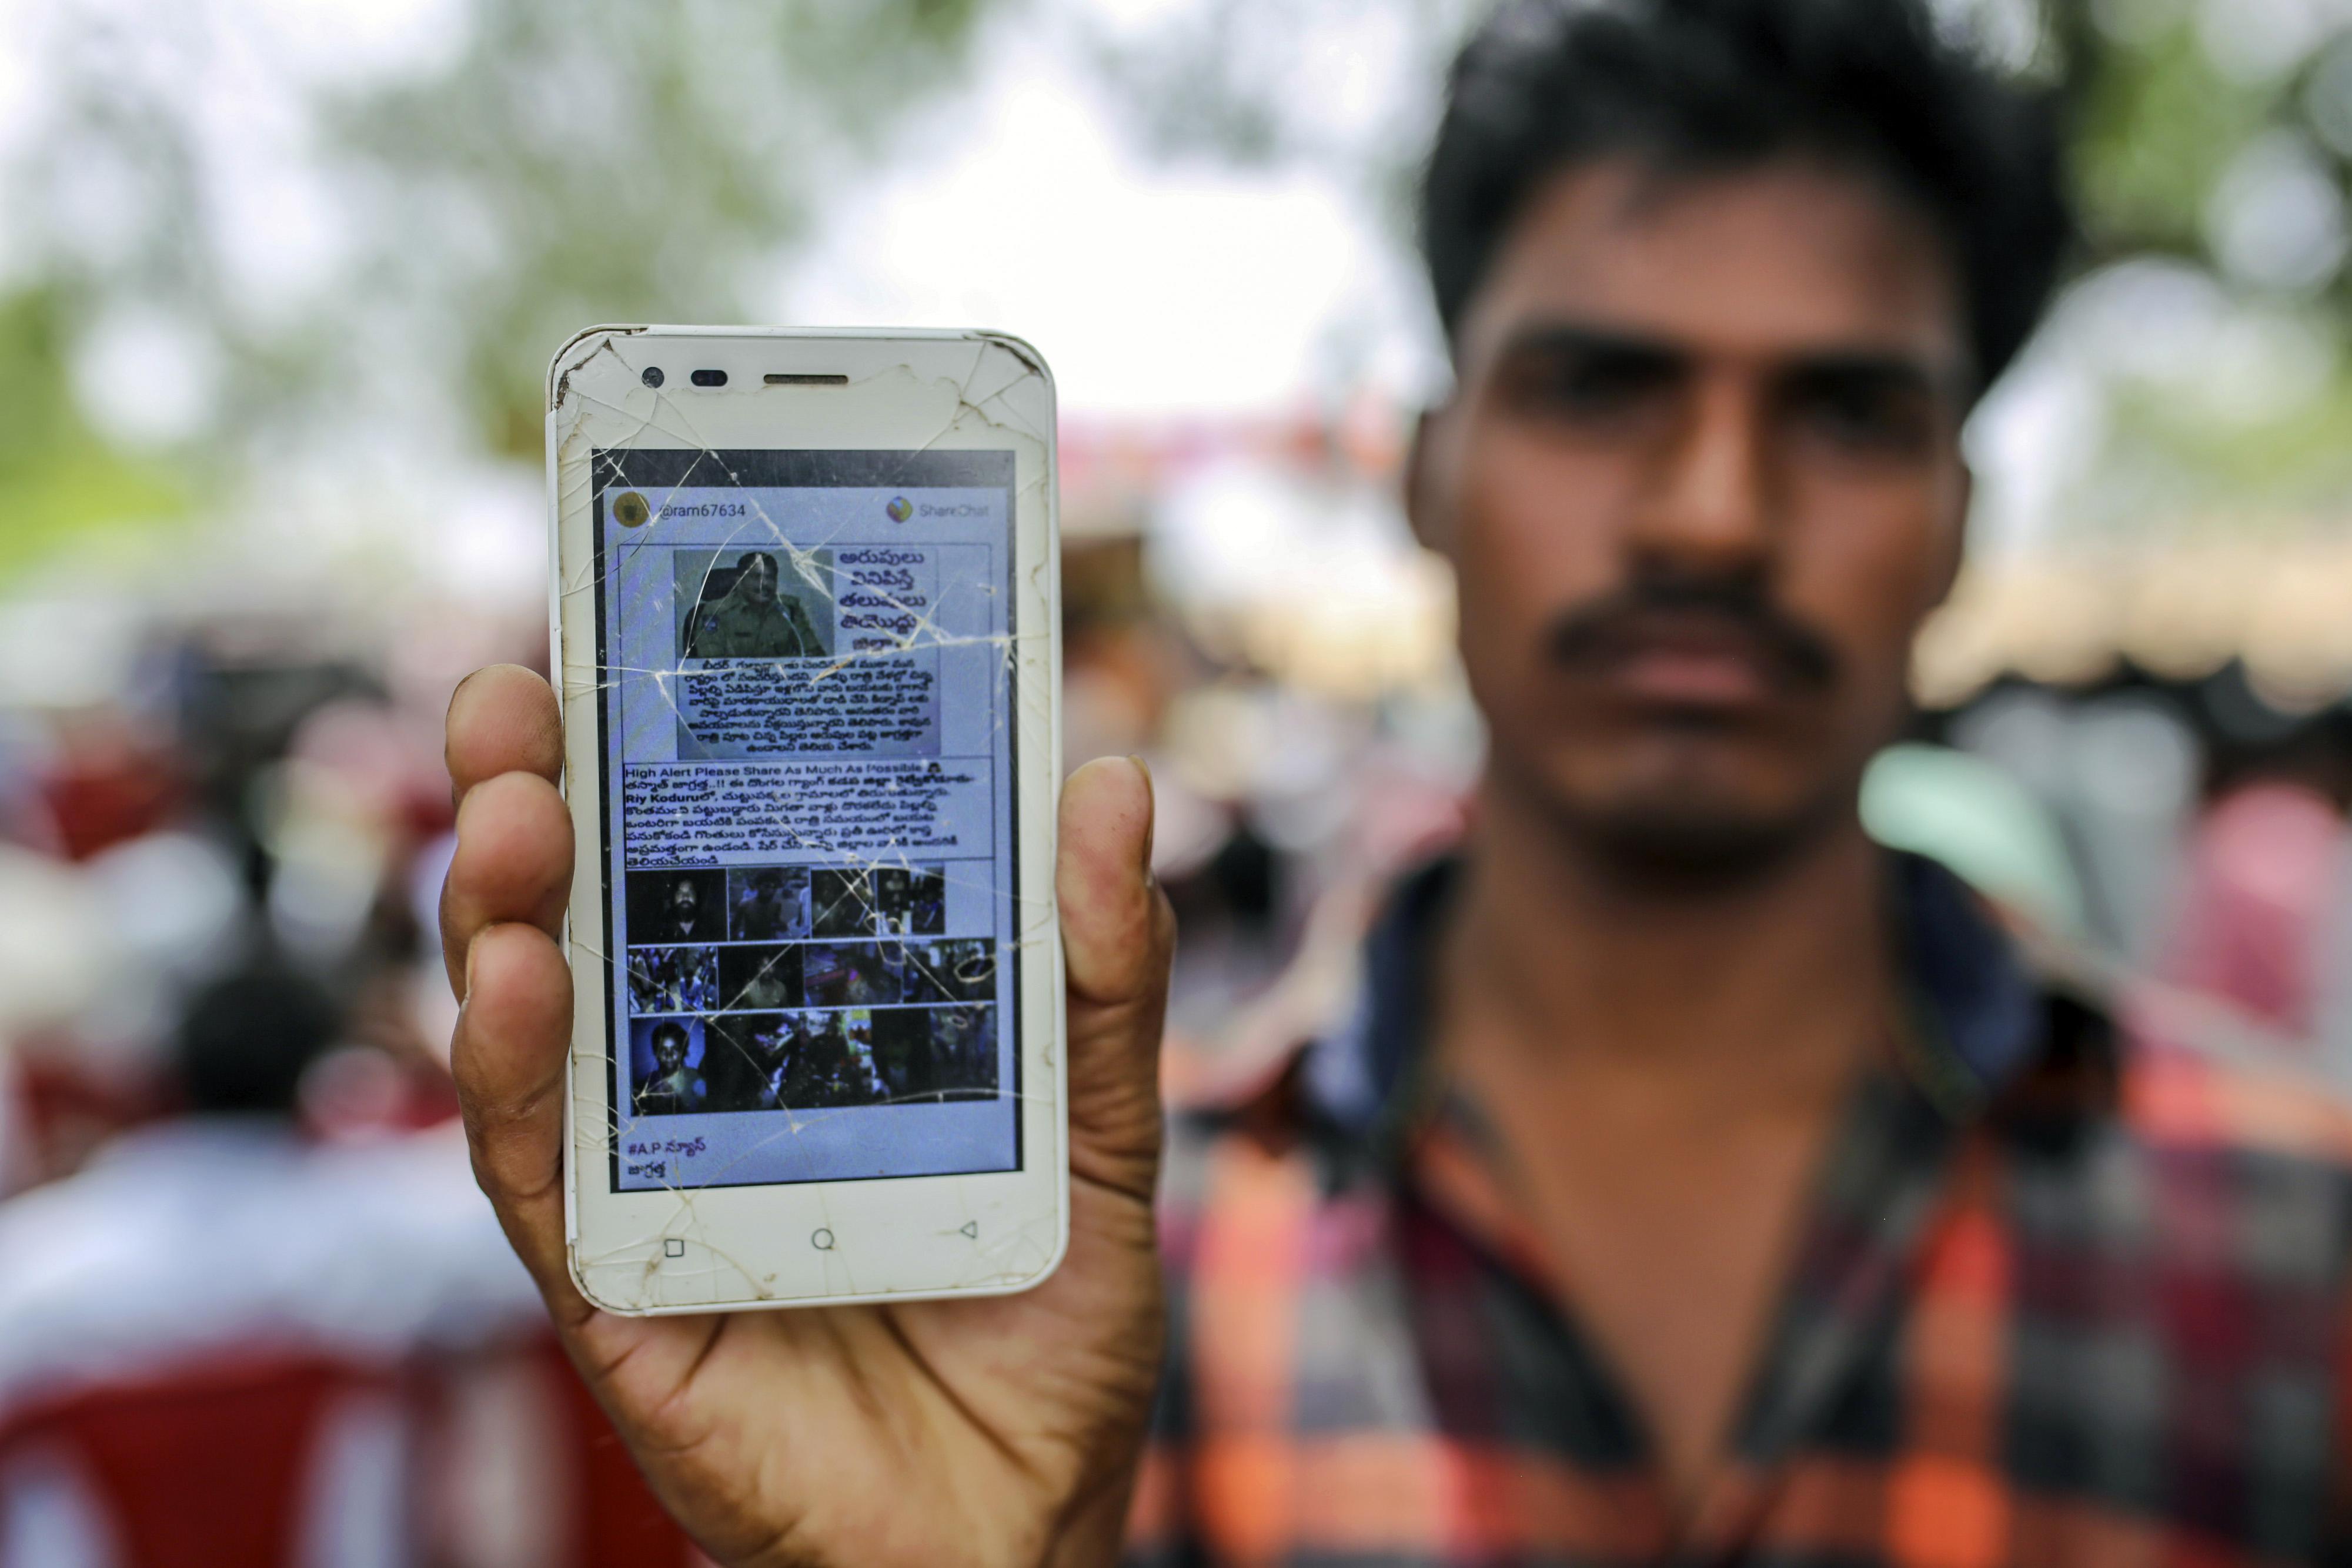 Un hombre muestra la pantalla de su teléfono celular con un mensaje falso difundido a través de WhatsApp (Bloomberg / Dhiraj Singh)